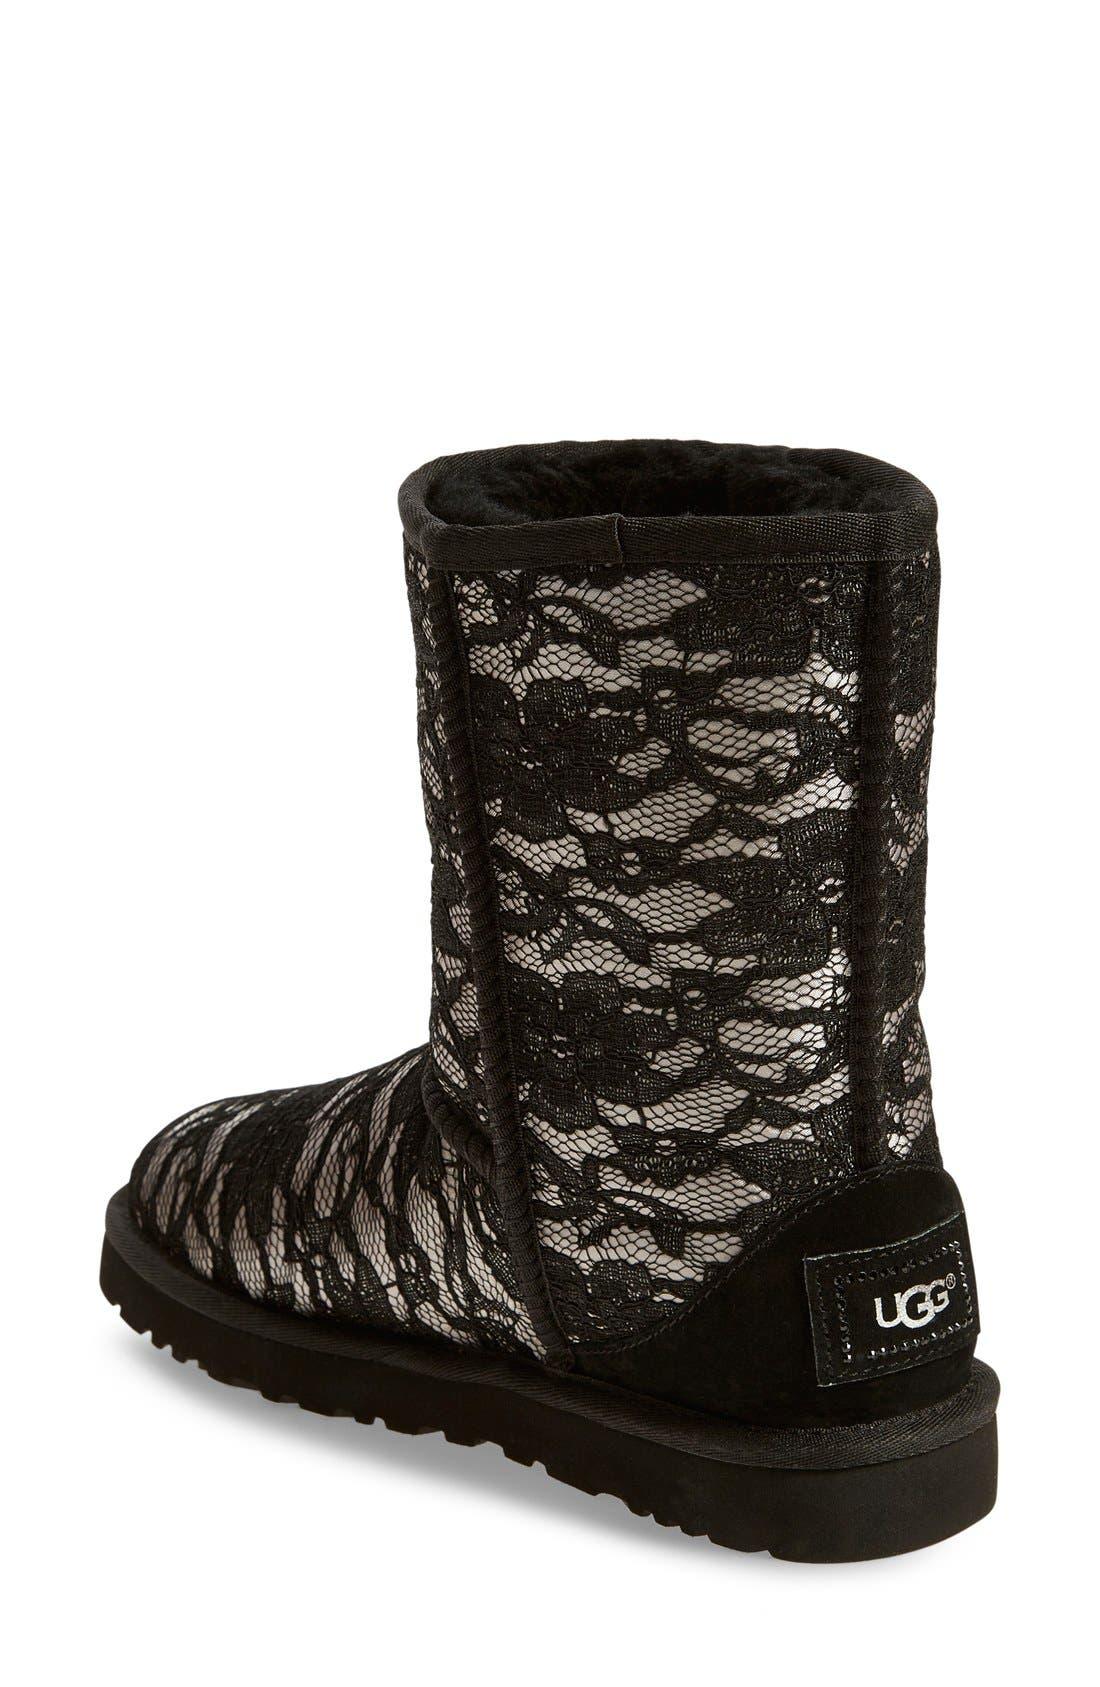 Alternate Image 2  - UGG® 'Classic Short Antoinette' Boot (Women)